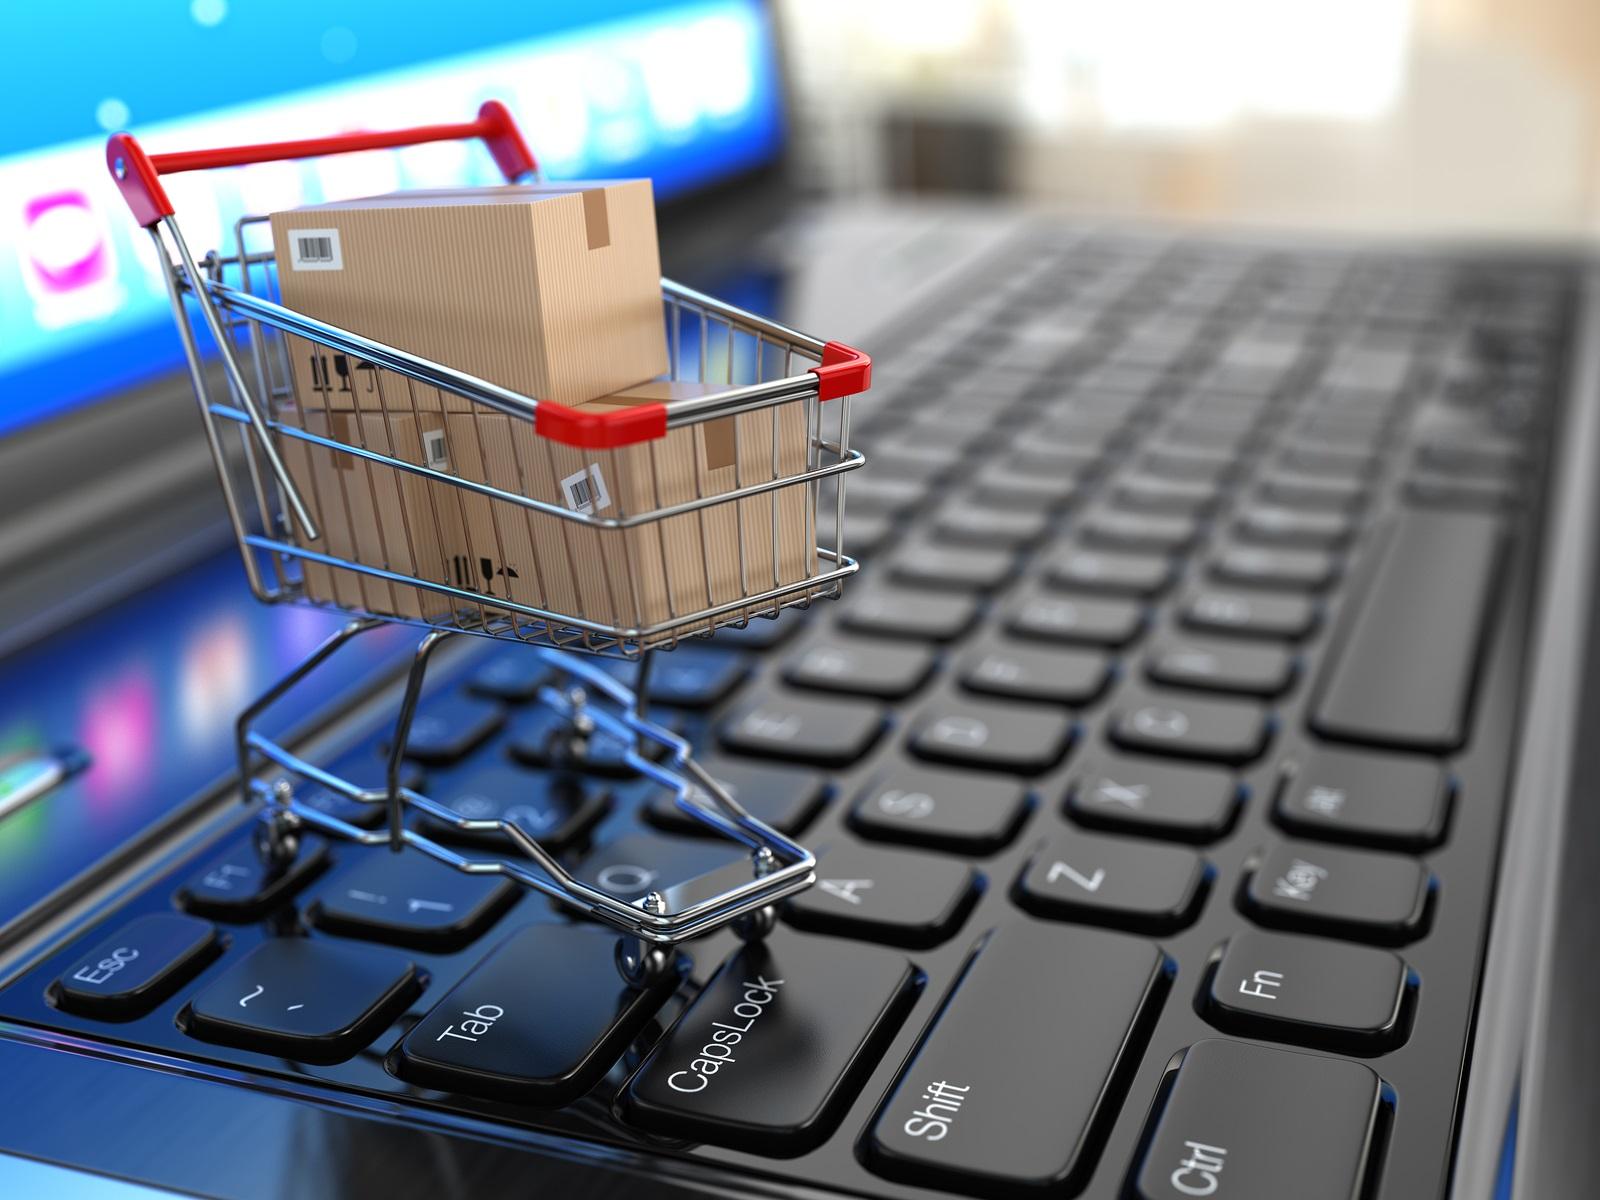 EU uvodi brojna nova pravila za kupnju na internetu